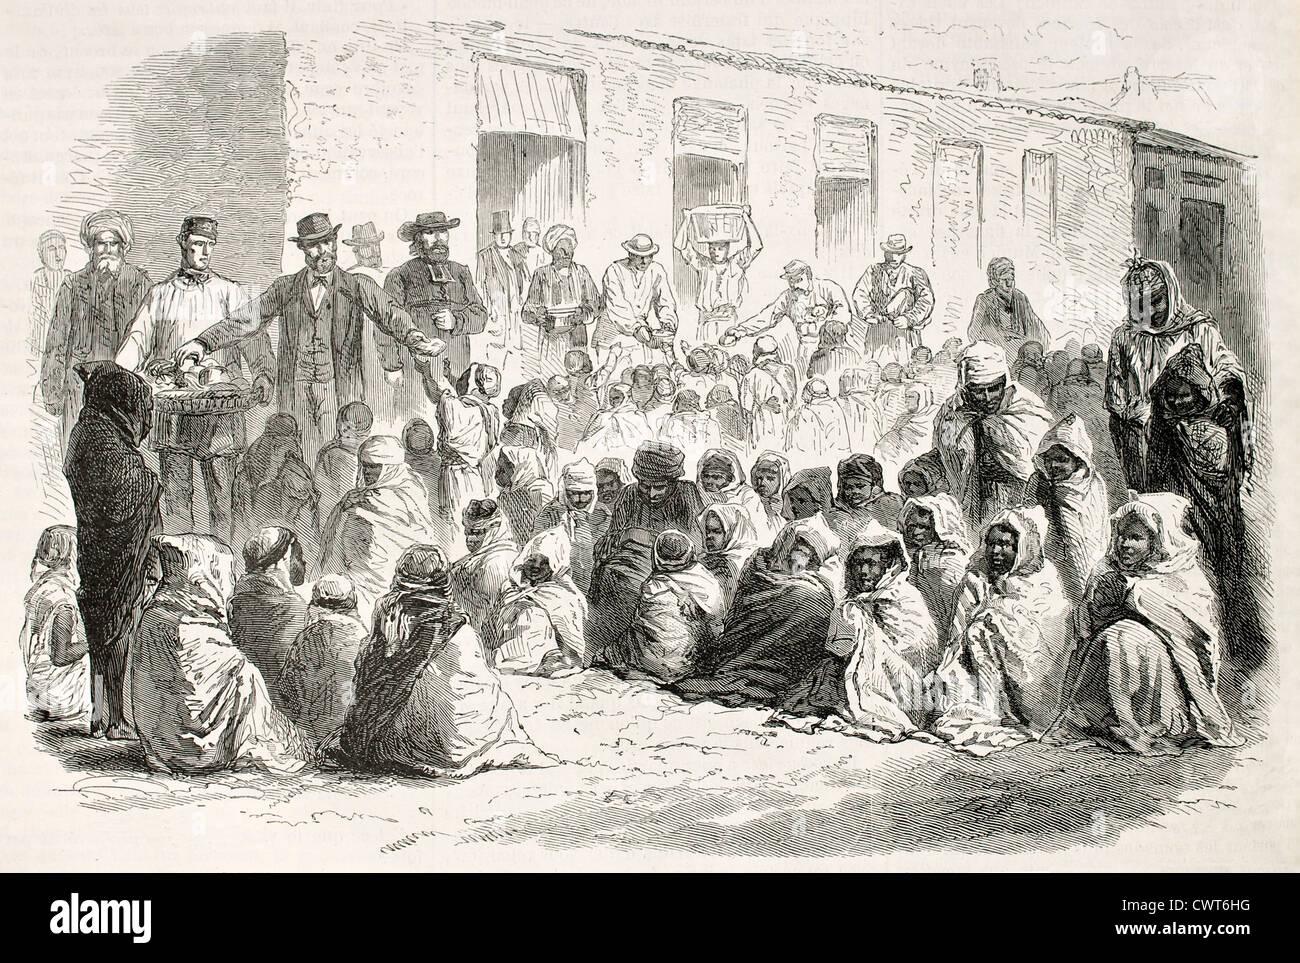 Food distribution - Stock Image